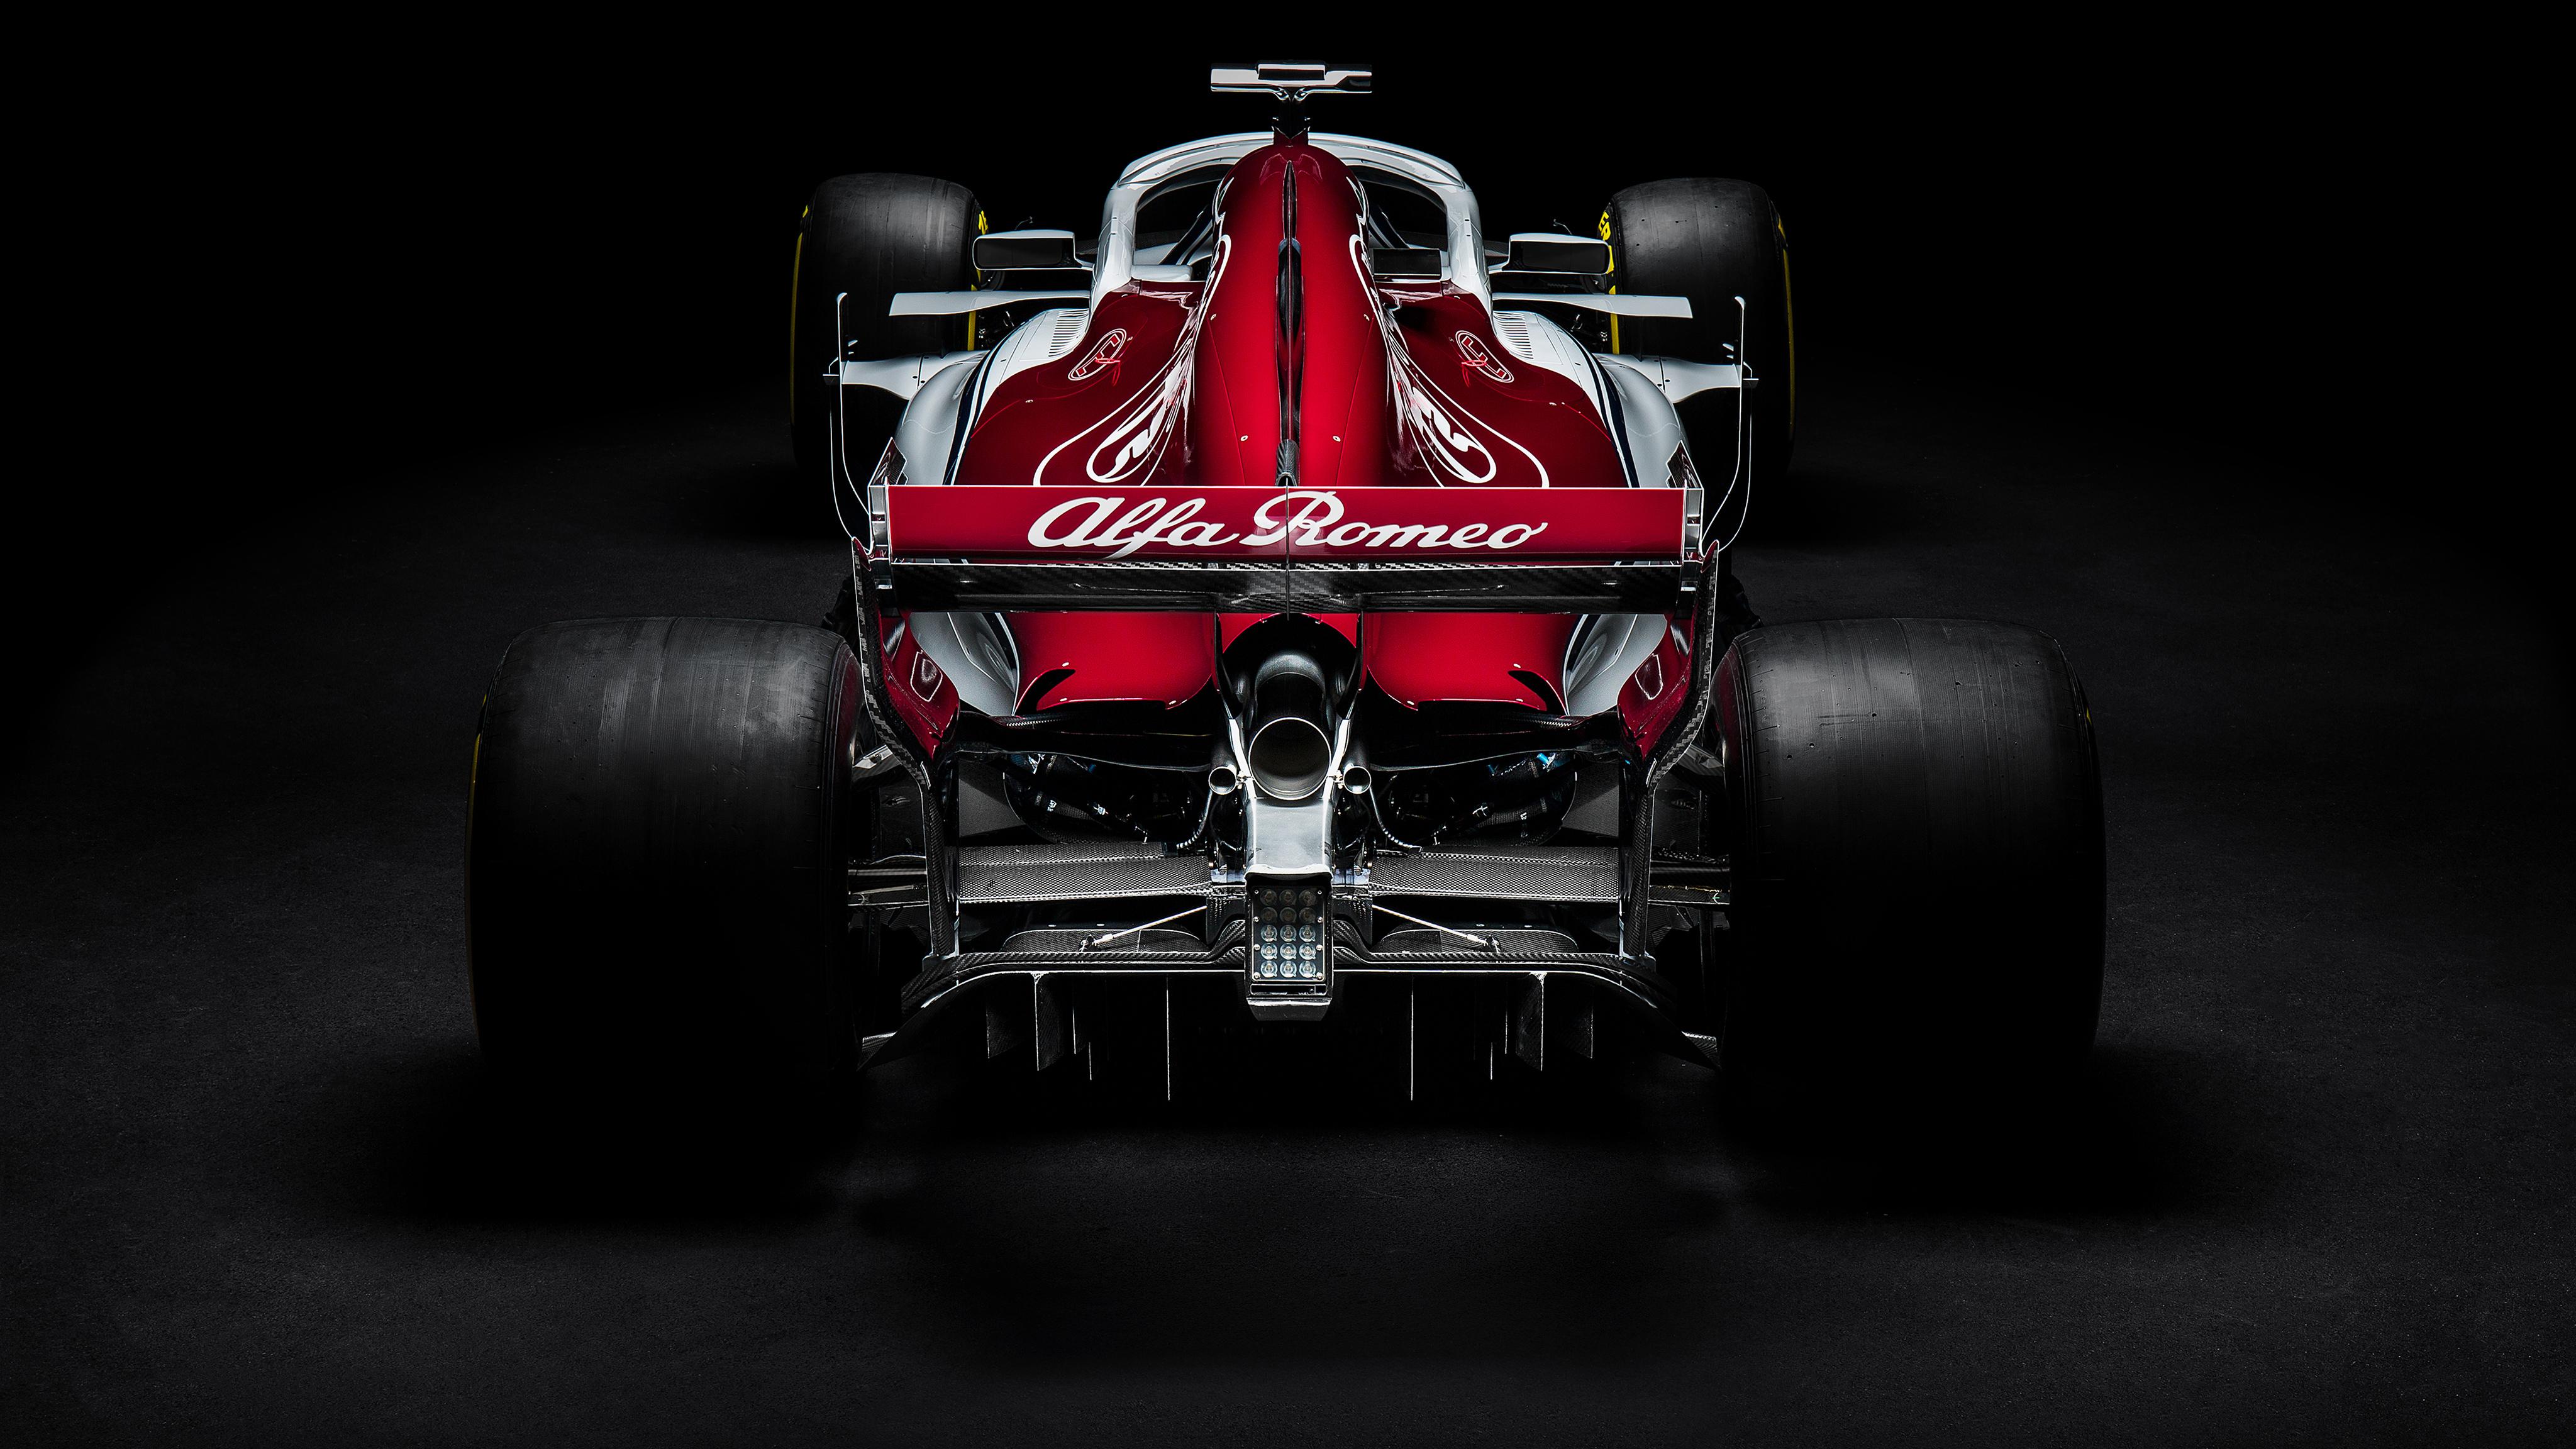 2018 Sauber C37 F1 Formula 1 Car 4K Wallpaper | HD Car ...